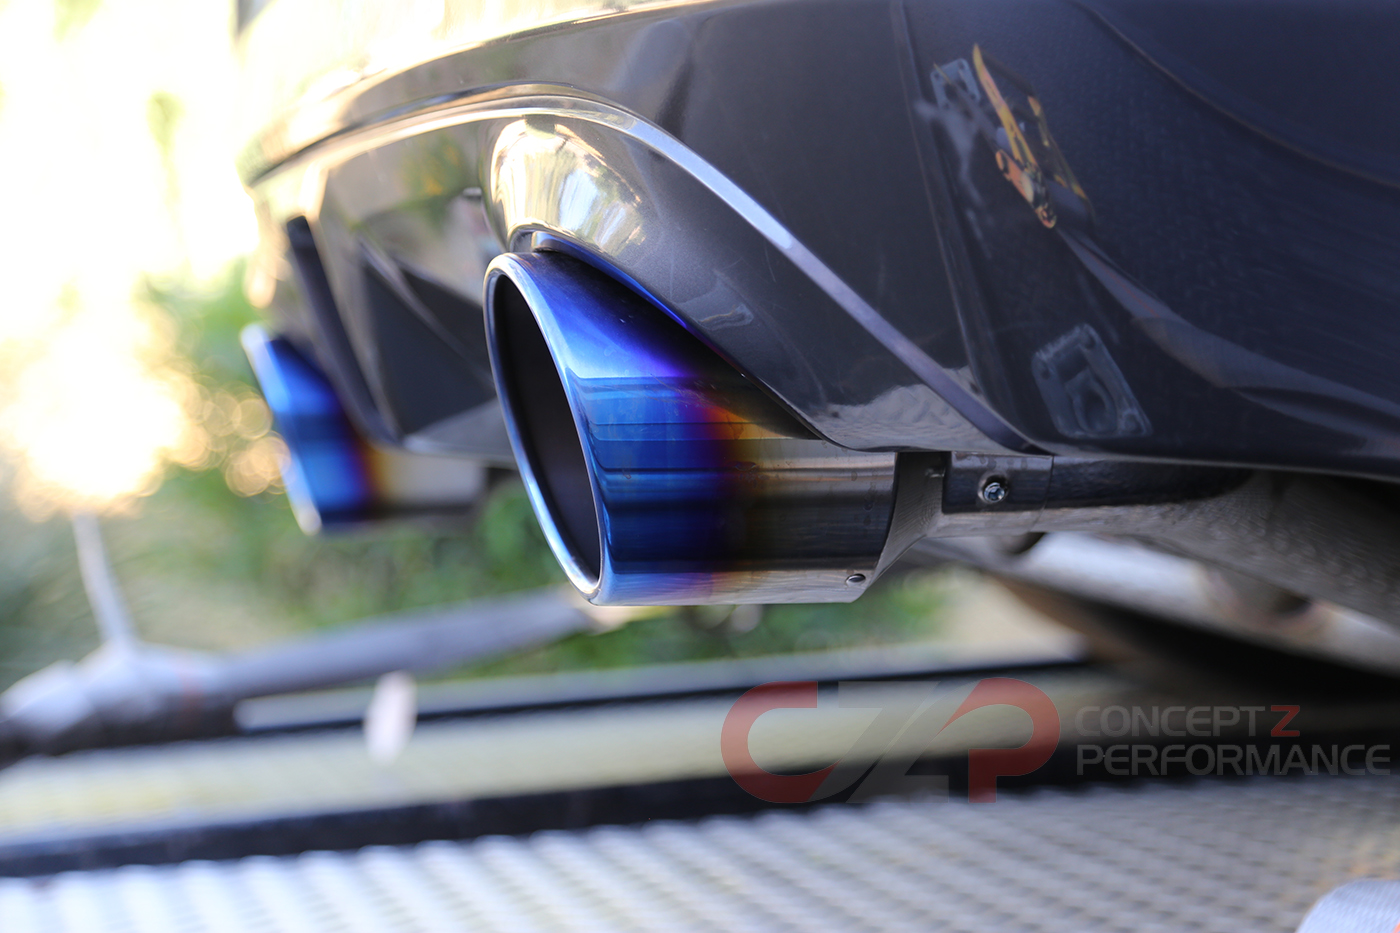 Motordyne Shockwave E370 Catback Exhaust System - Nissan 370Z Z34 MD-009 -  Concept Z Performance